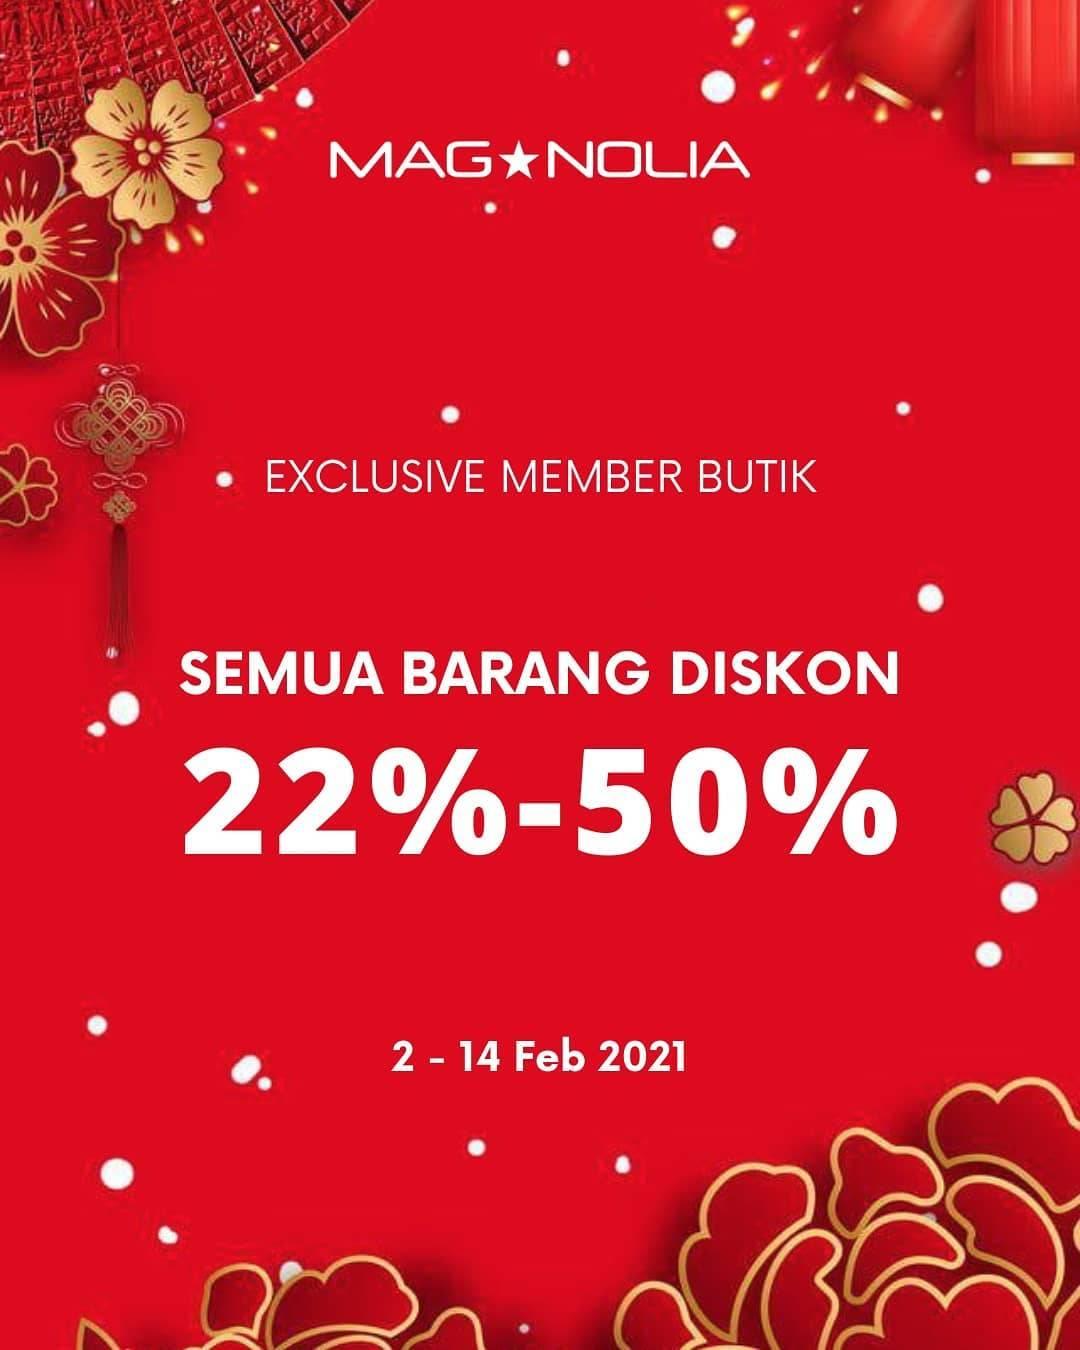 Diskon Magnolia Diskon 22% - 50% Untuk Member